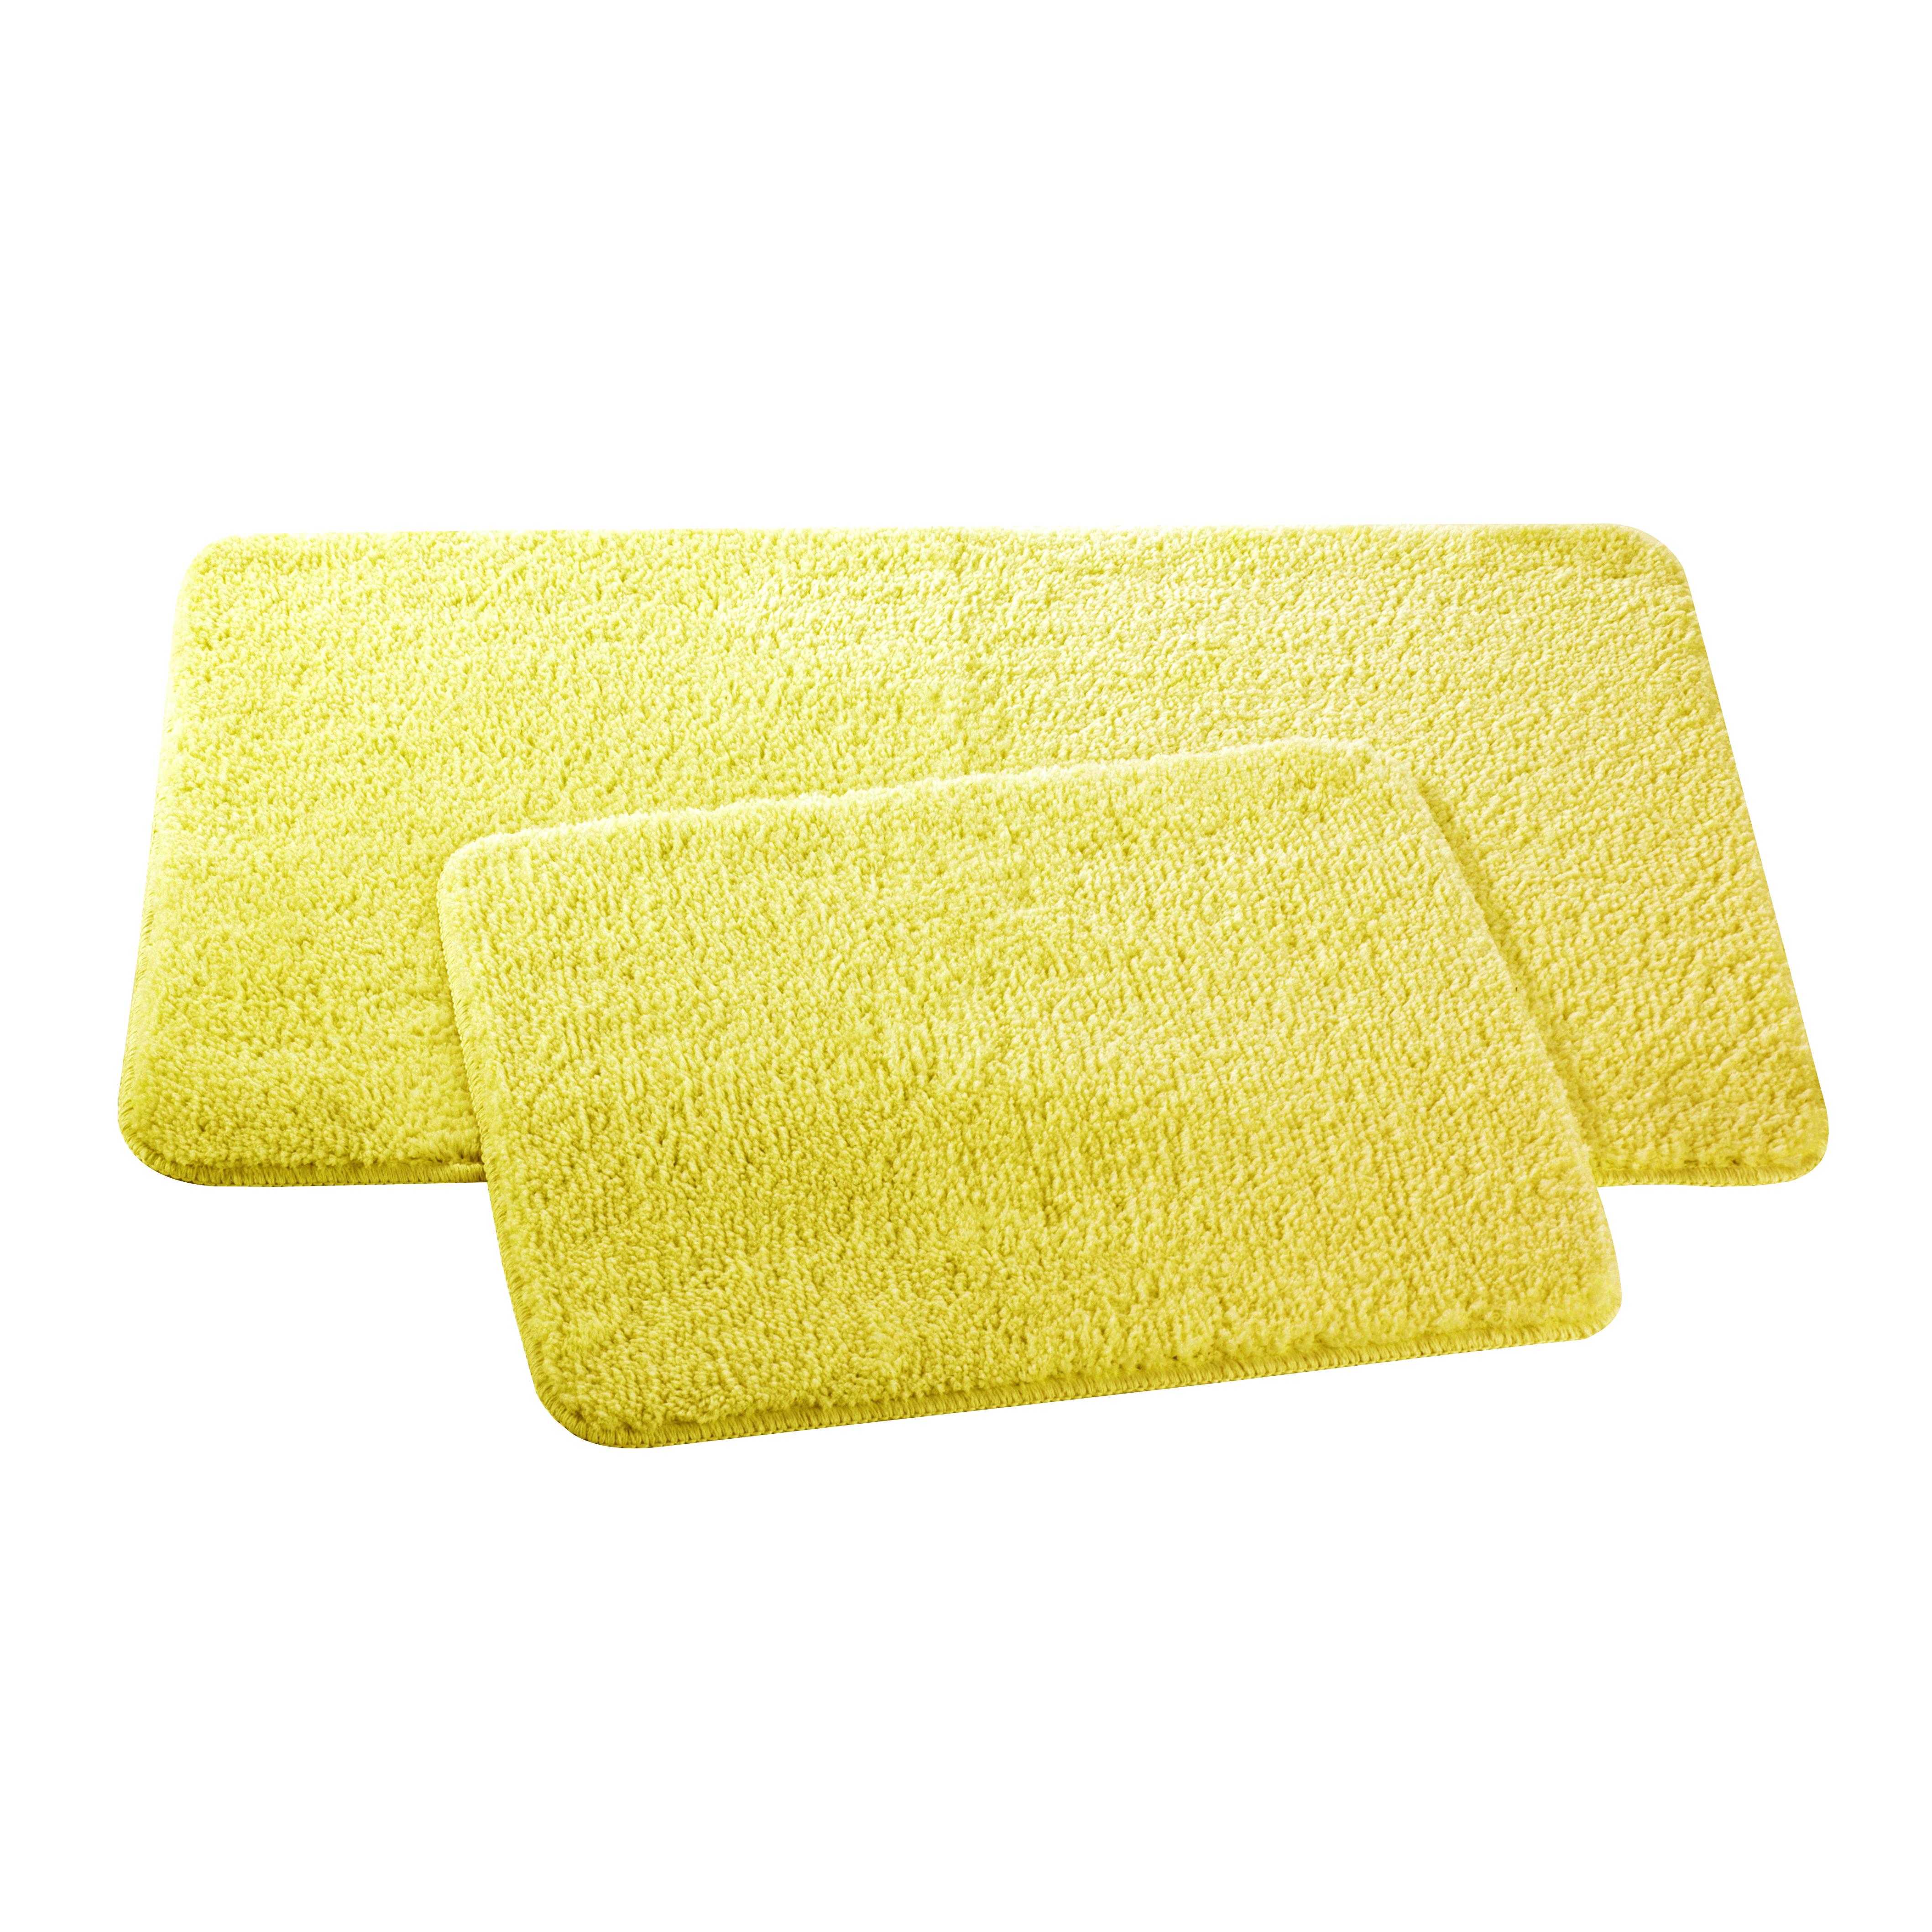 Набор ковриков для ванной и туалета Axentia, цвет: желтый, 2 шт116131Набор Axentia, выполненный из микрофибры (100% полиэстер), состоит из двух стеганых ковриков для ванной комнаты и туалета. Противоскользящее основание изготовлено из термопластичной резины и подходит для полов с подогревом. Коврики мягкие и приятные на ощупь, отлично впитывают влагу и быстро сохнут. Высокая износостойкость ковриков и стойкость цвета позволит вам наслаждаться покупкой долгие годы. Можно стирать в стиральной машине. Размер ковриков: 50 х 80 см; 50 х 40 см.Высота ворса 1,5 см.